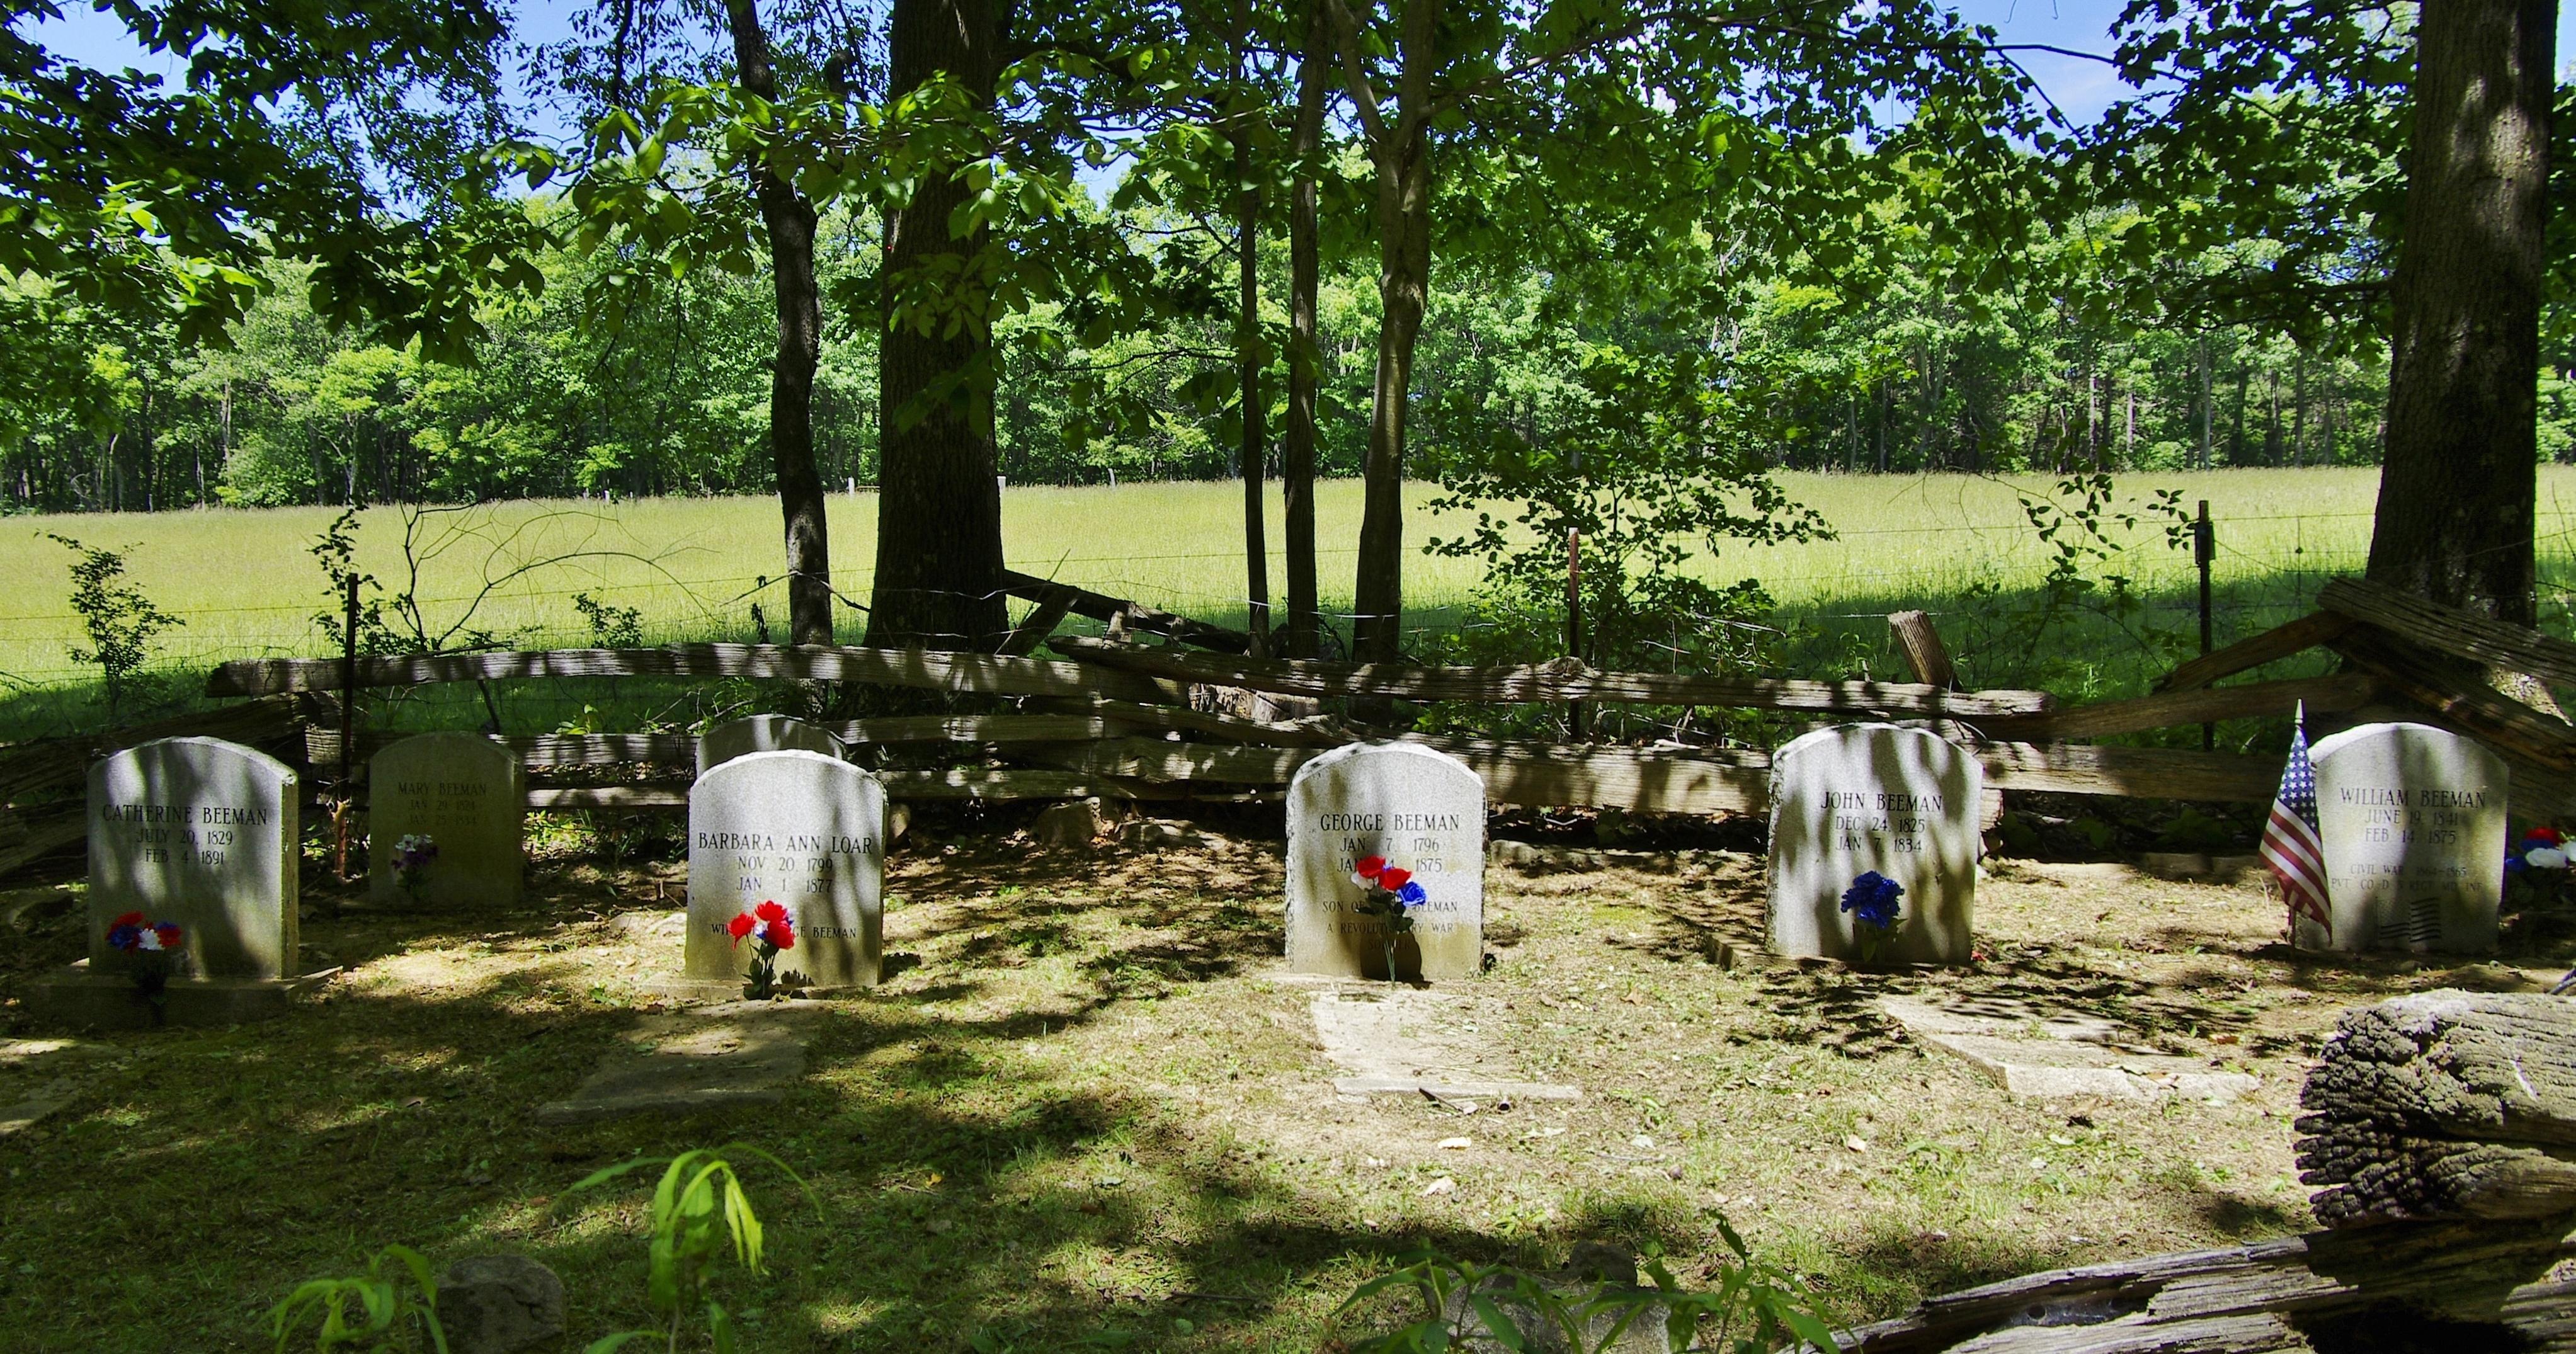 George & Barbara (Loar) Beeman Cemetery